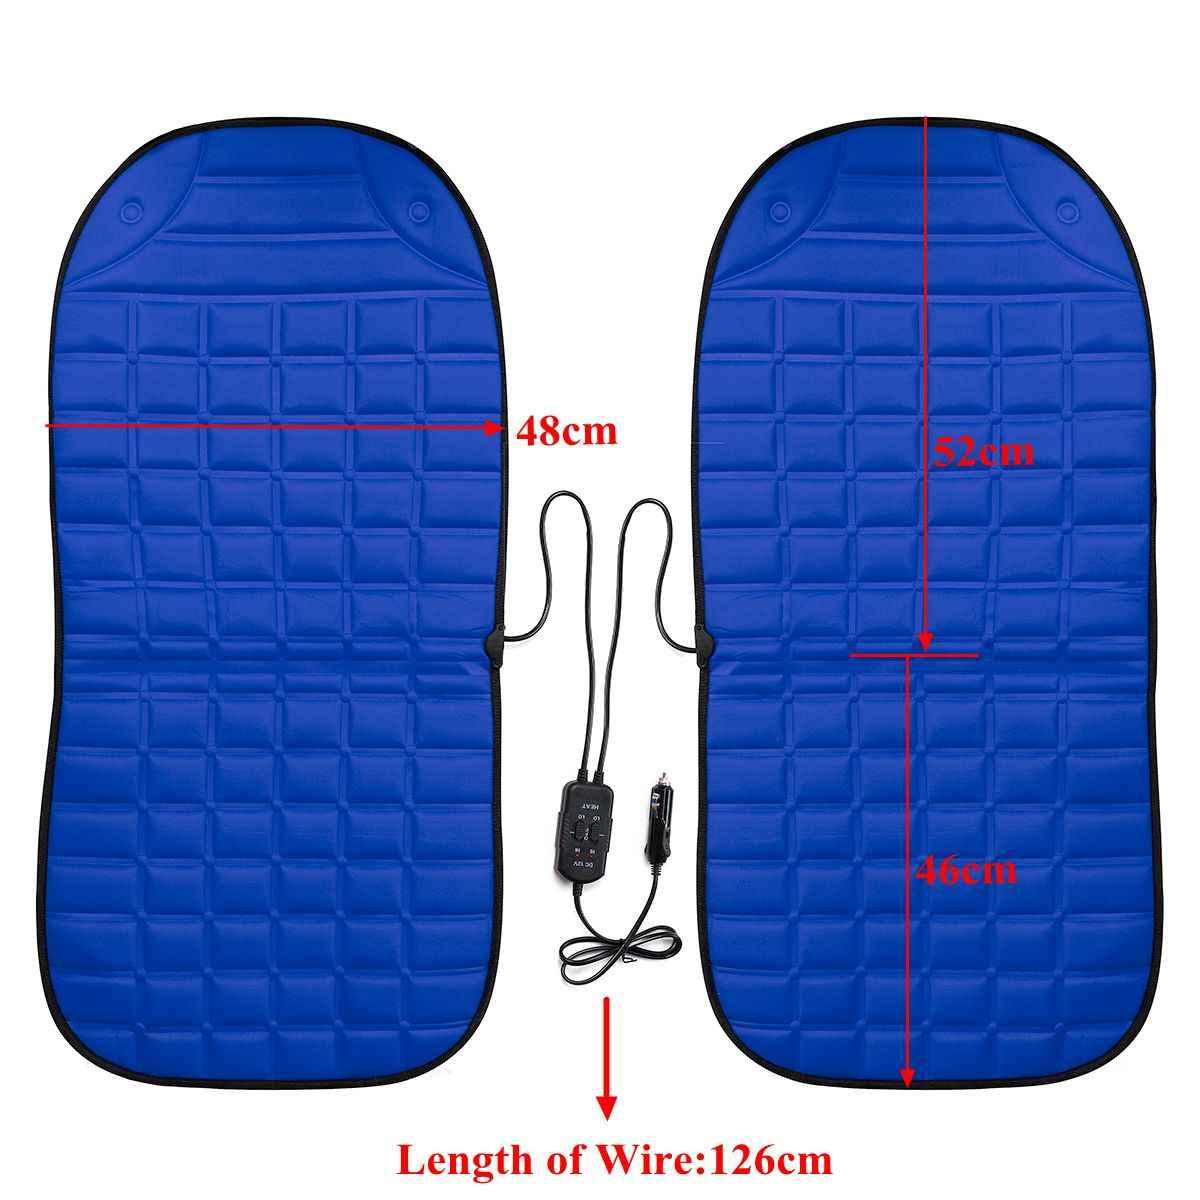 2 шт. в 1 быстрый нагрев и регулируемый черный/серый/синий/красный автомобиль Электрический Подогрев сиденья автомобиля Стайлинг зимняя подушка для сиденья подушки авто чехлы